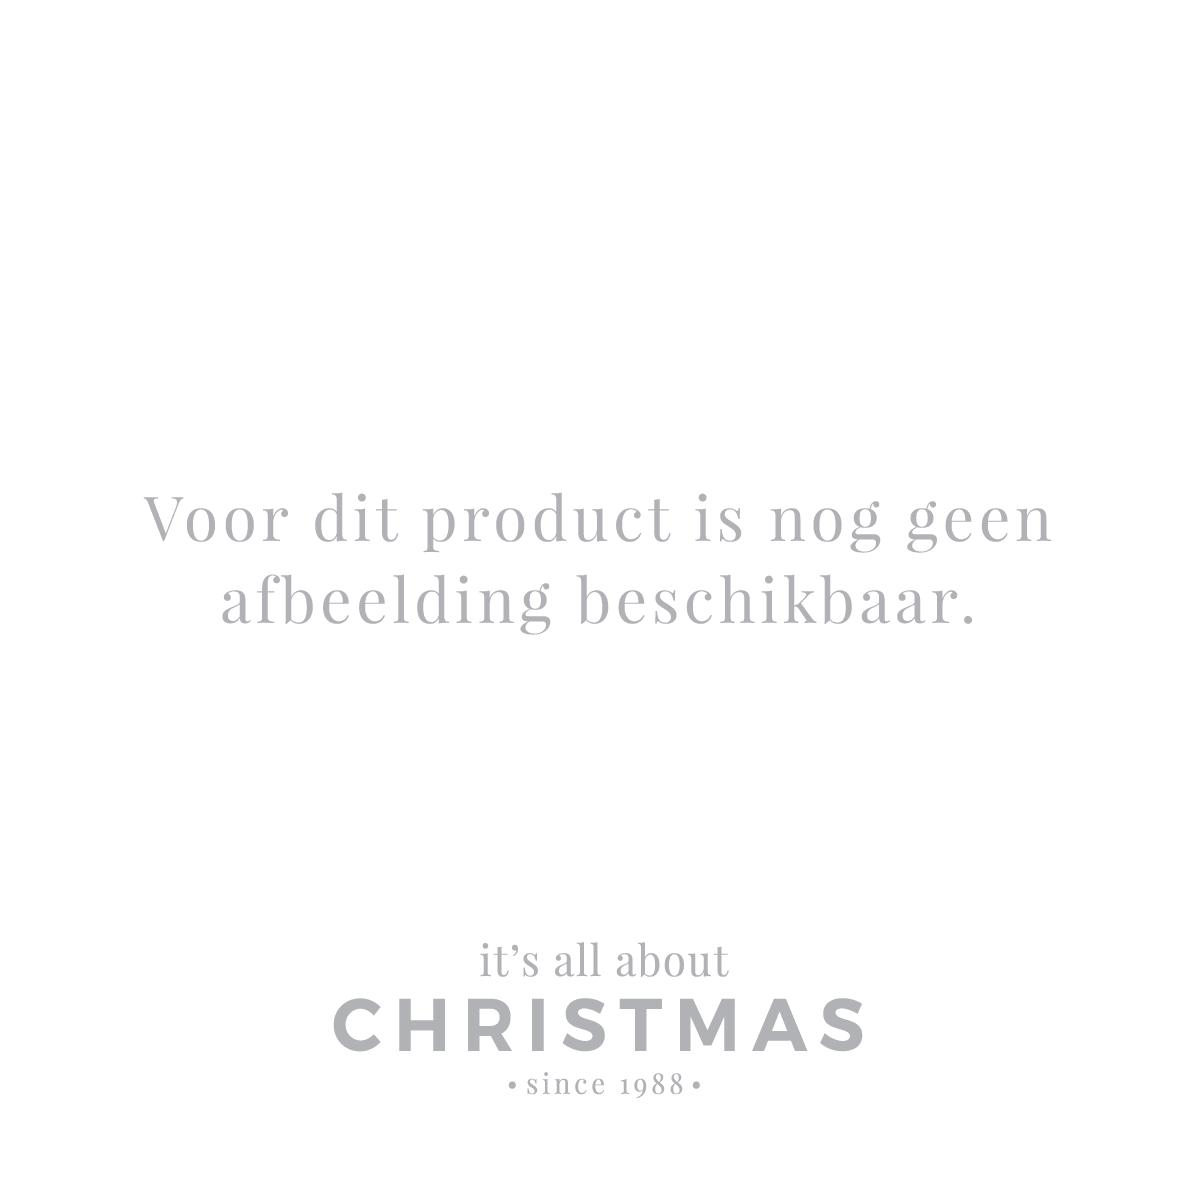 Christbaumkugeln Hellgrün.44 Christbaumkugeln Glas Grün It S All About Christmas